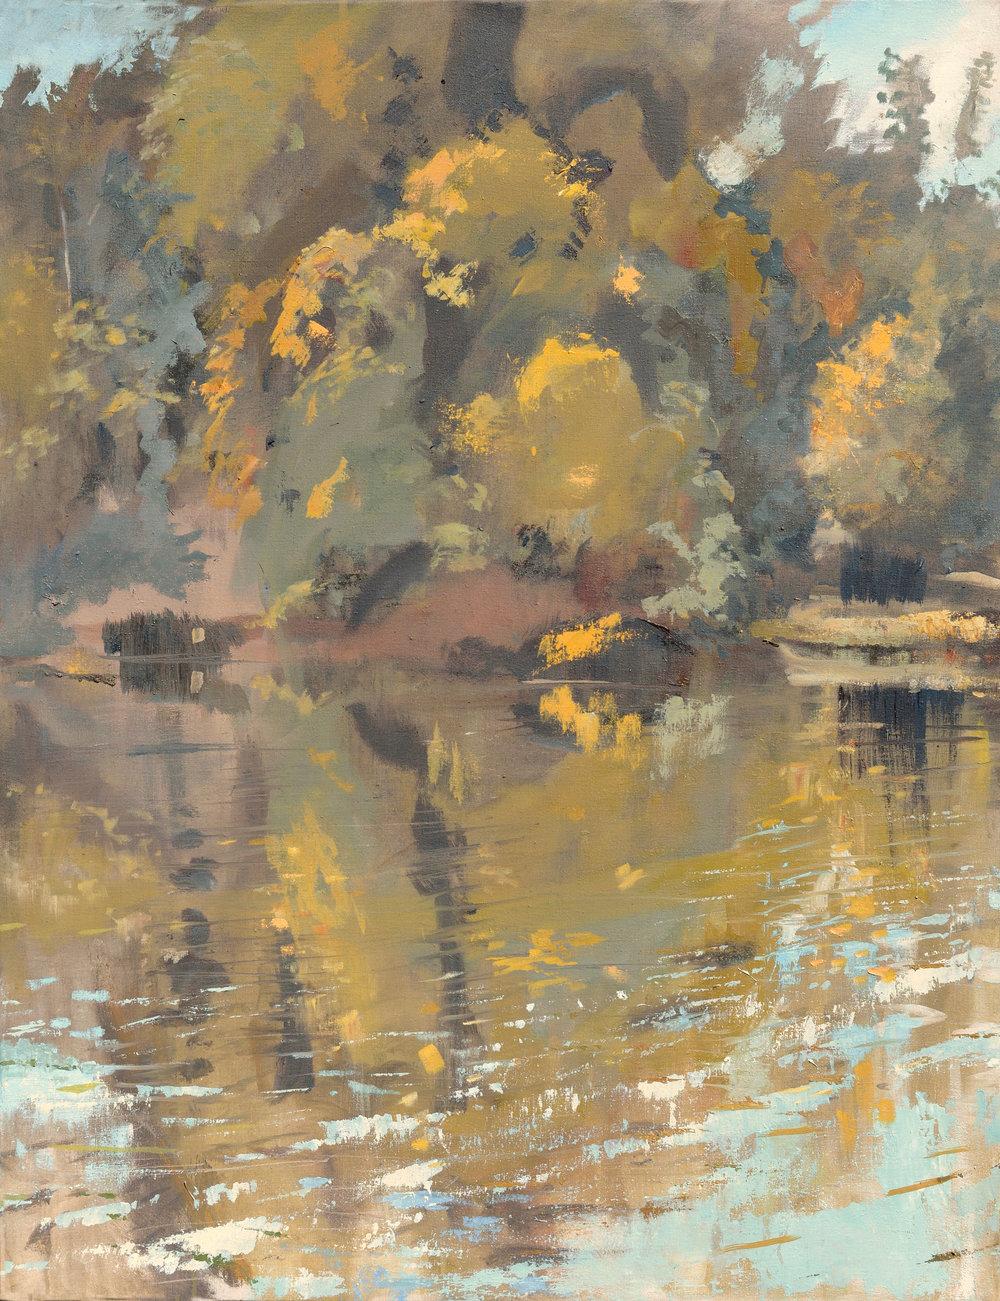 RHSK004 Matsubarako Lake Autumn  ( oil on linen ) 110.5 x 85.5